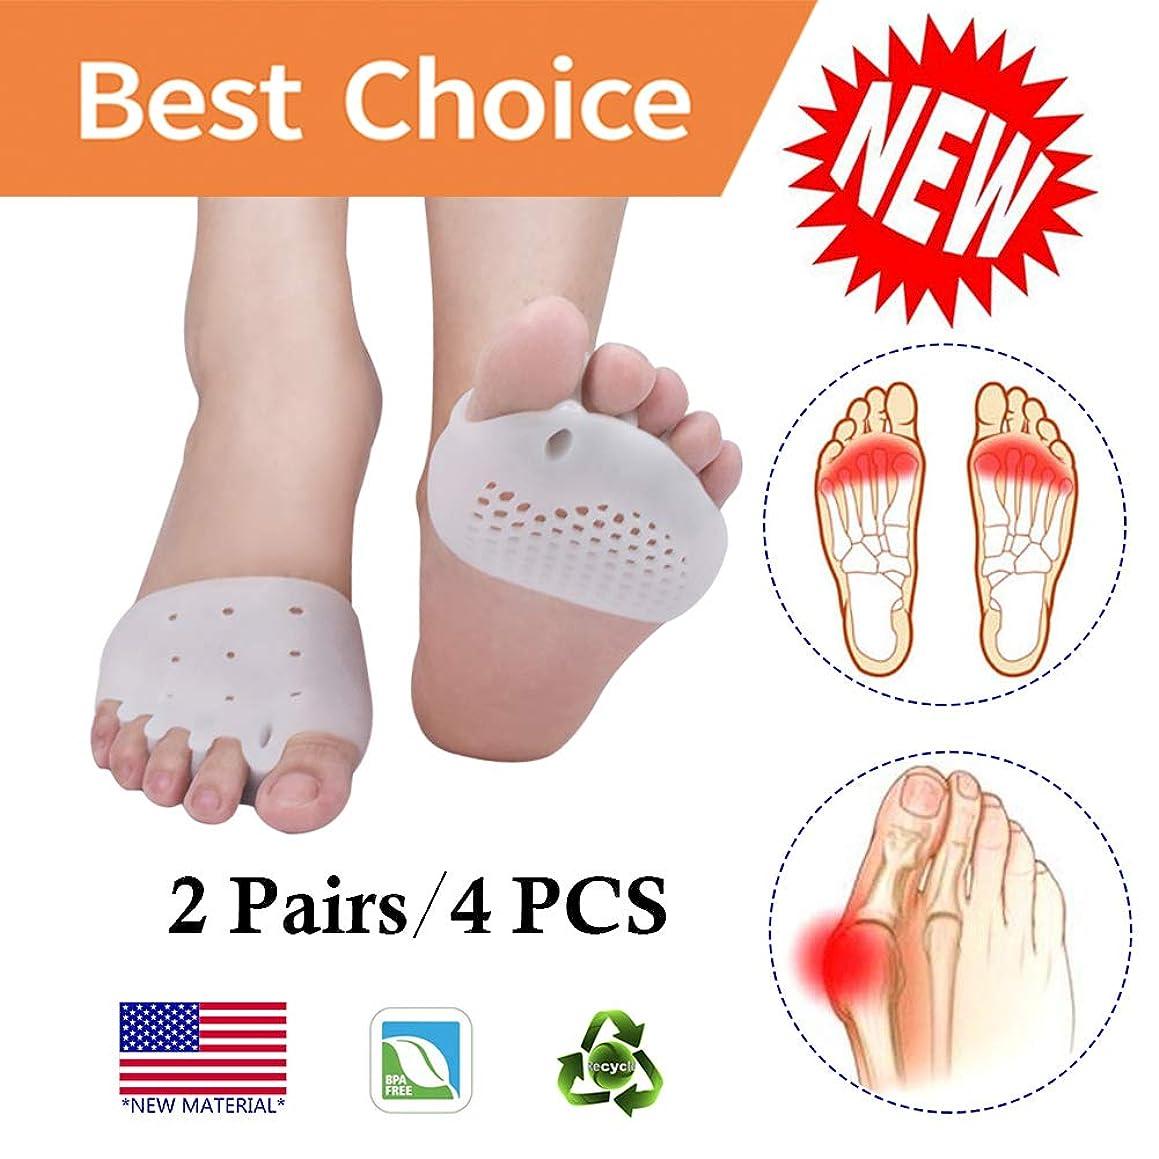 方法直感農奴Pnrskter 足裏保護パッド 中足前足パッド 通気性 柔らかい ジェル 糖尿病の足に最適 カルス 水疱 前足痛 男性のための両方の足に使用することができます (白(4ピース))